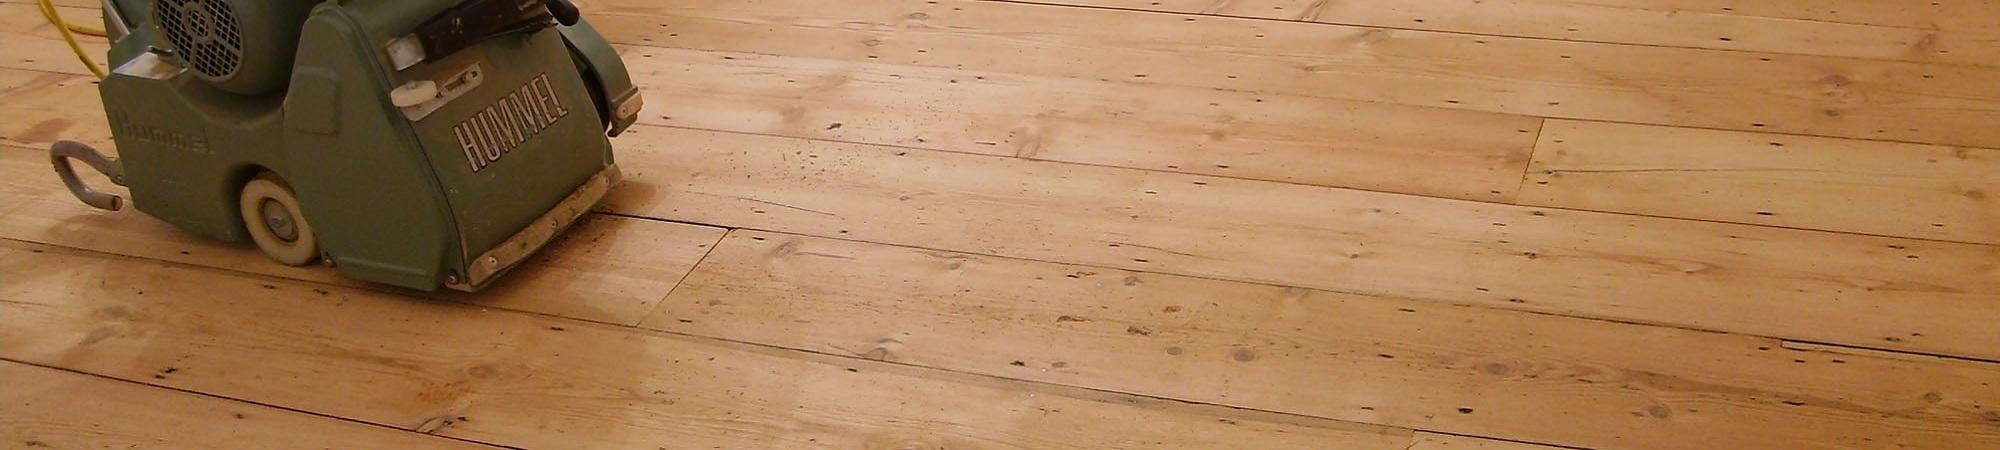 Houten vloeren schuren Assen. Vraag om een vloer renovatie offerte